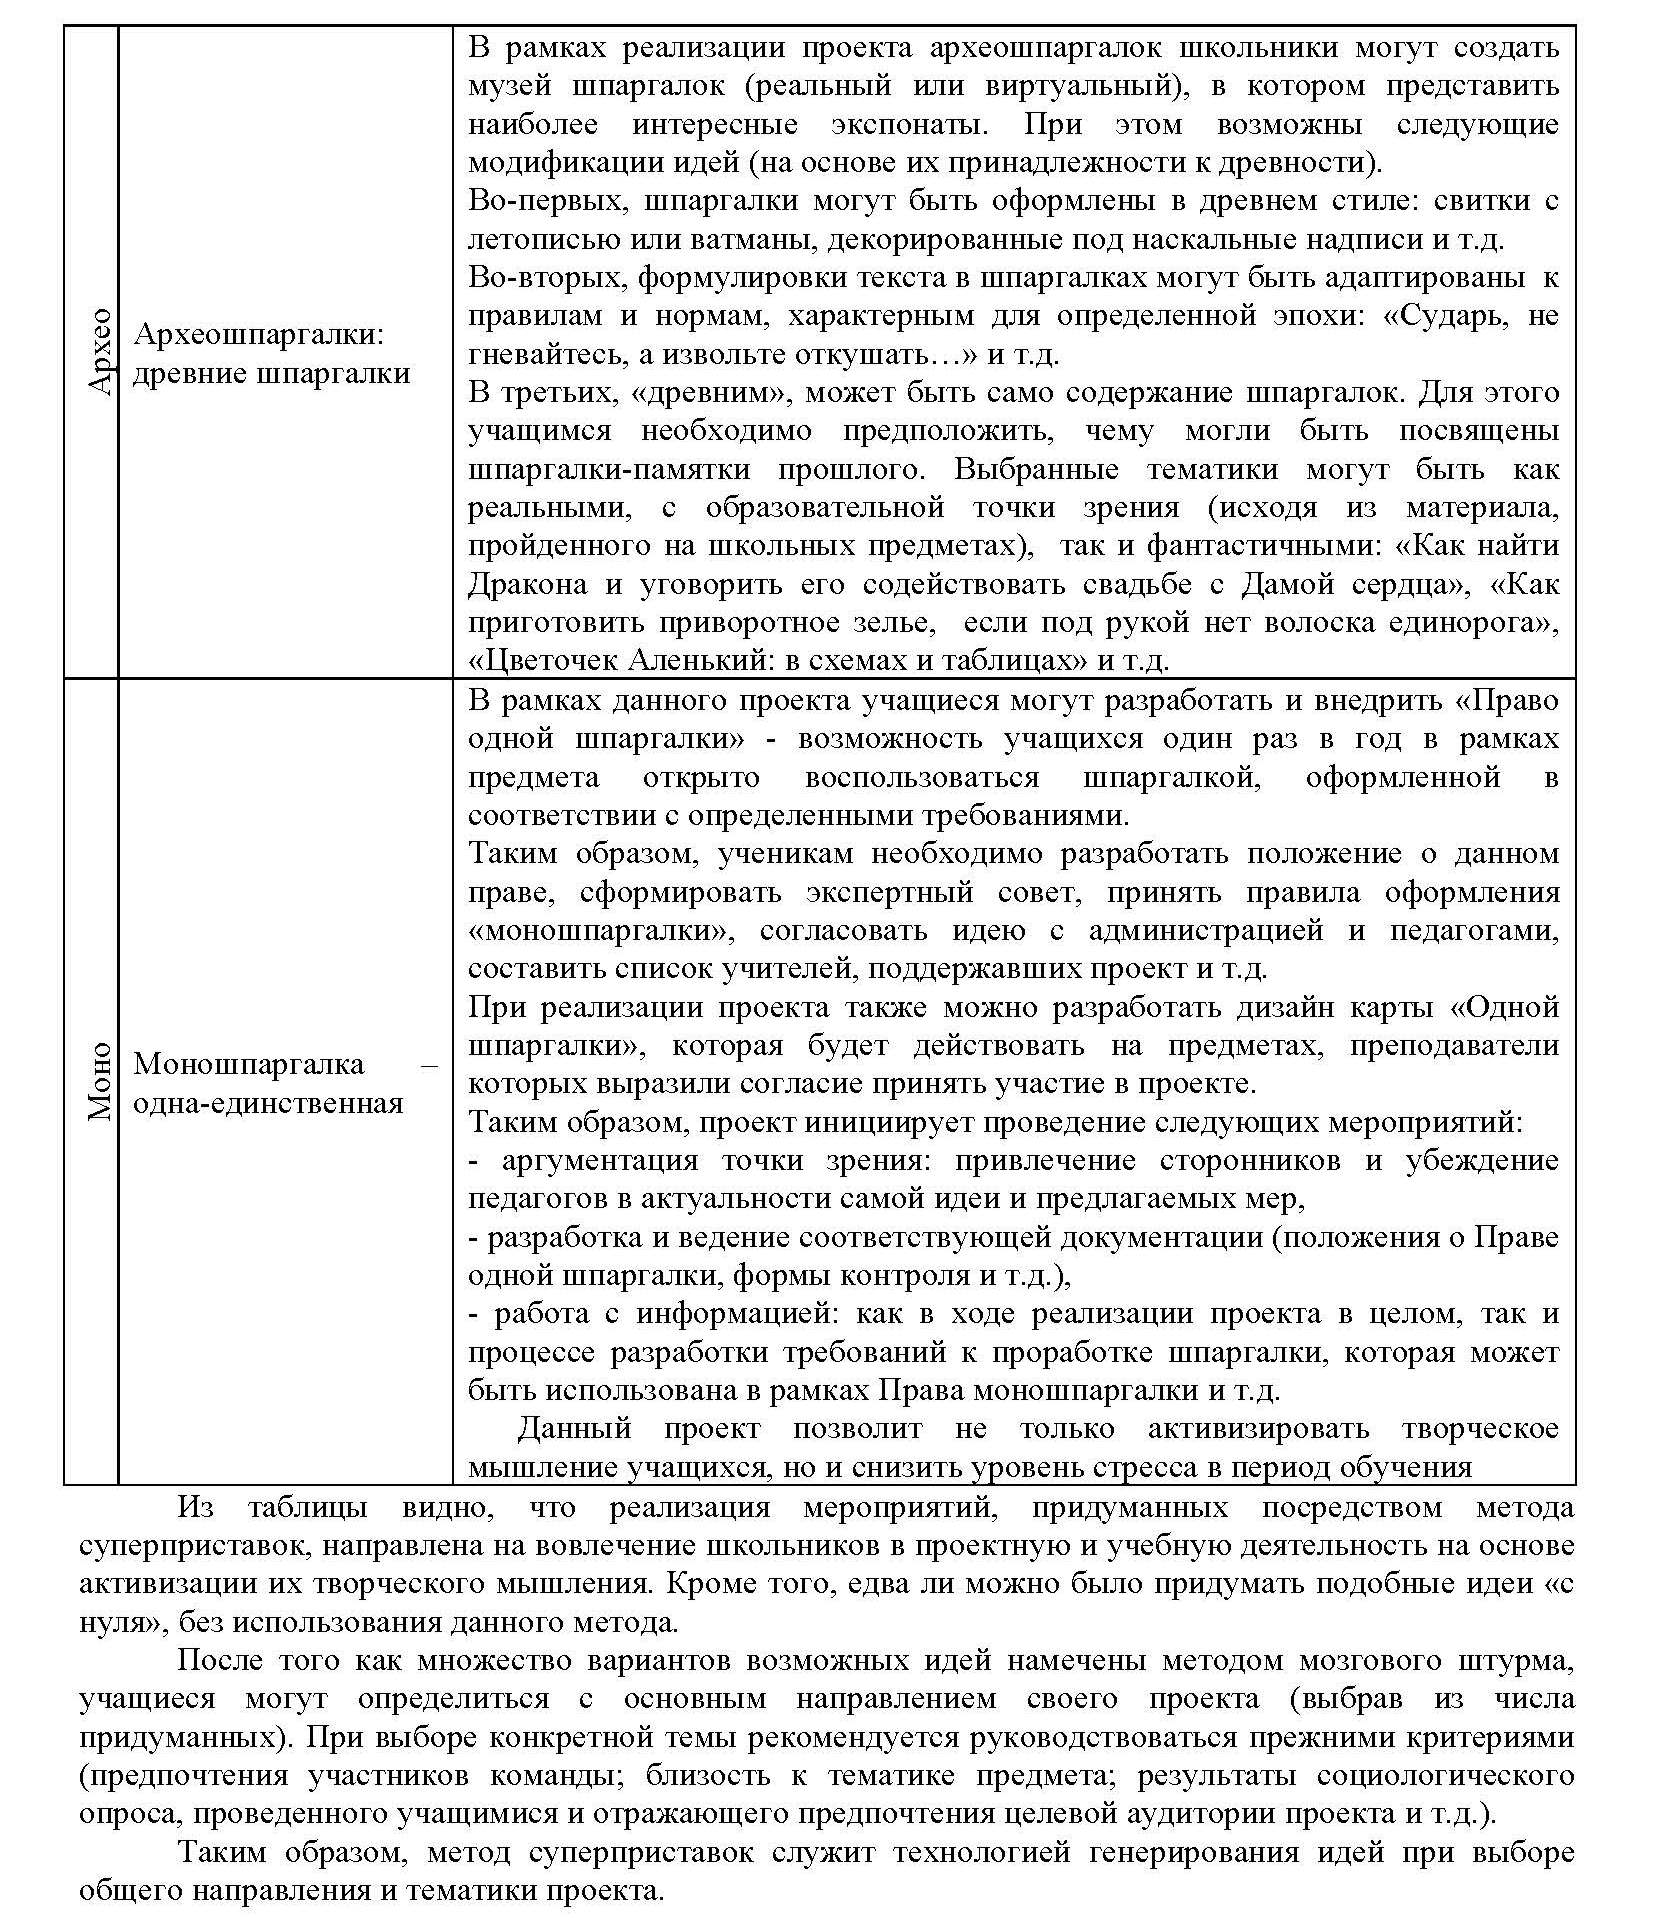 МФО и др._Страница_19